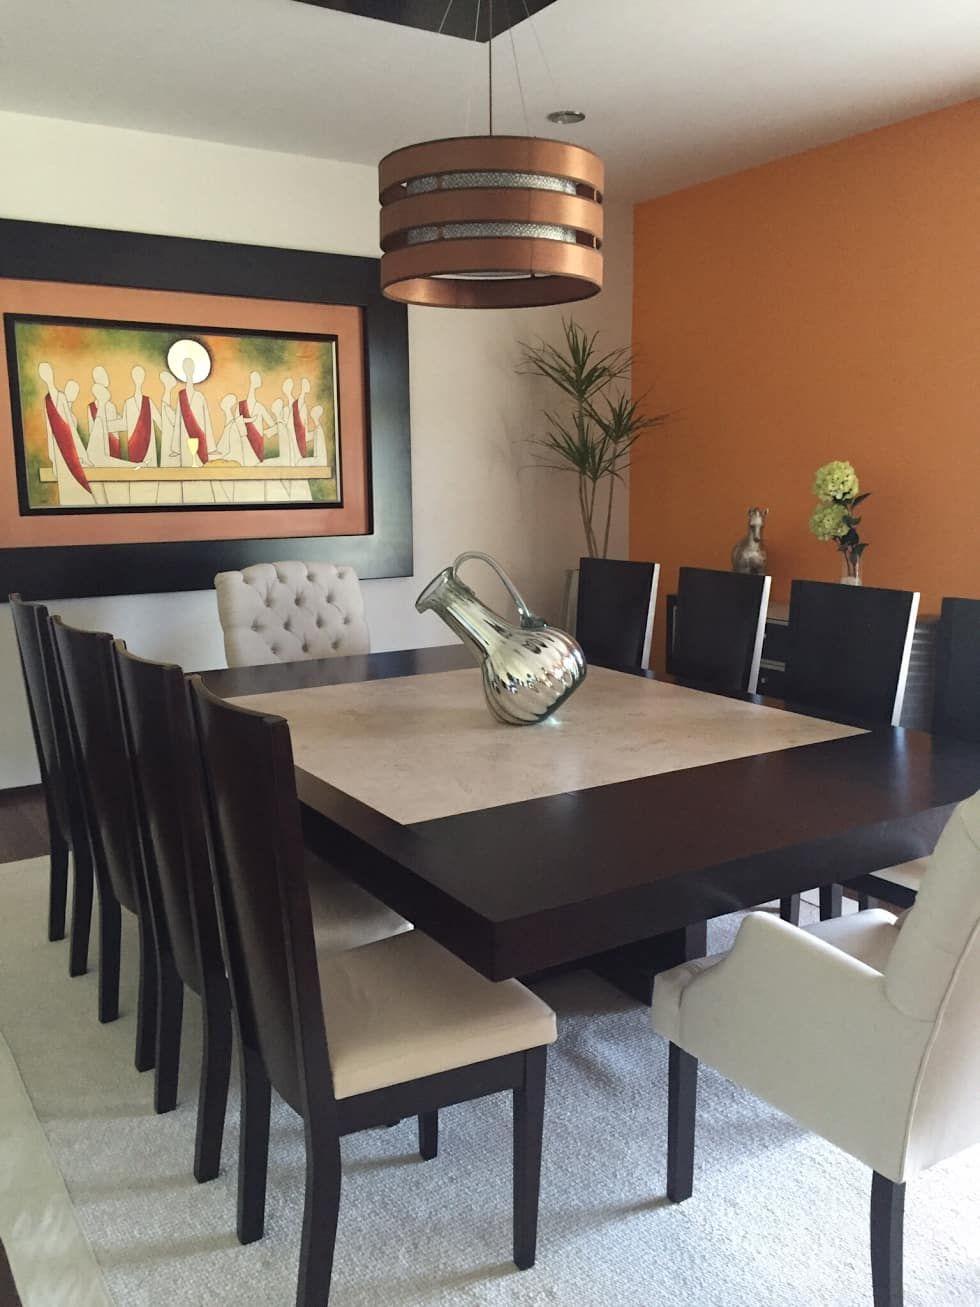 Ideas, imágenes y decoración de hogares | Comedores, Moderno y ...